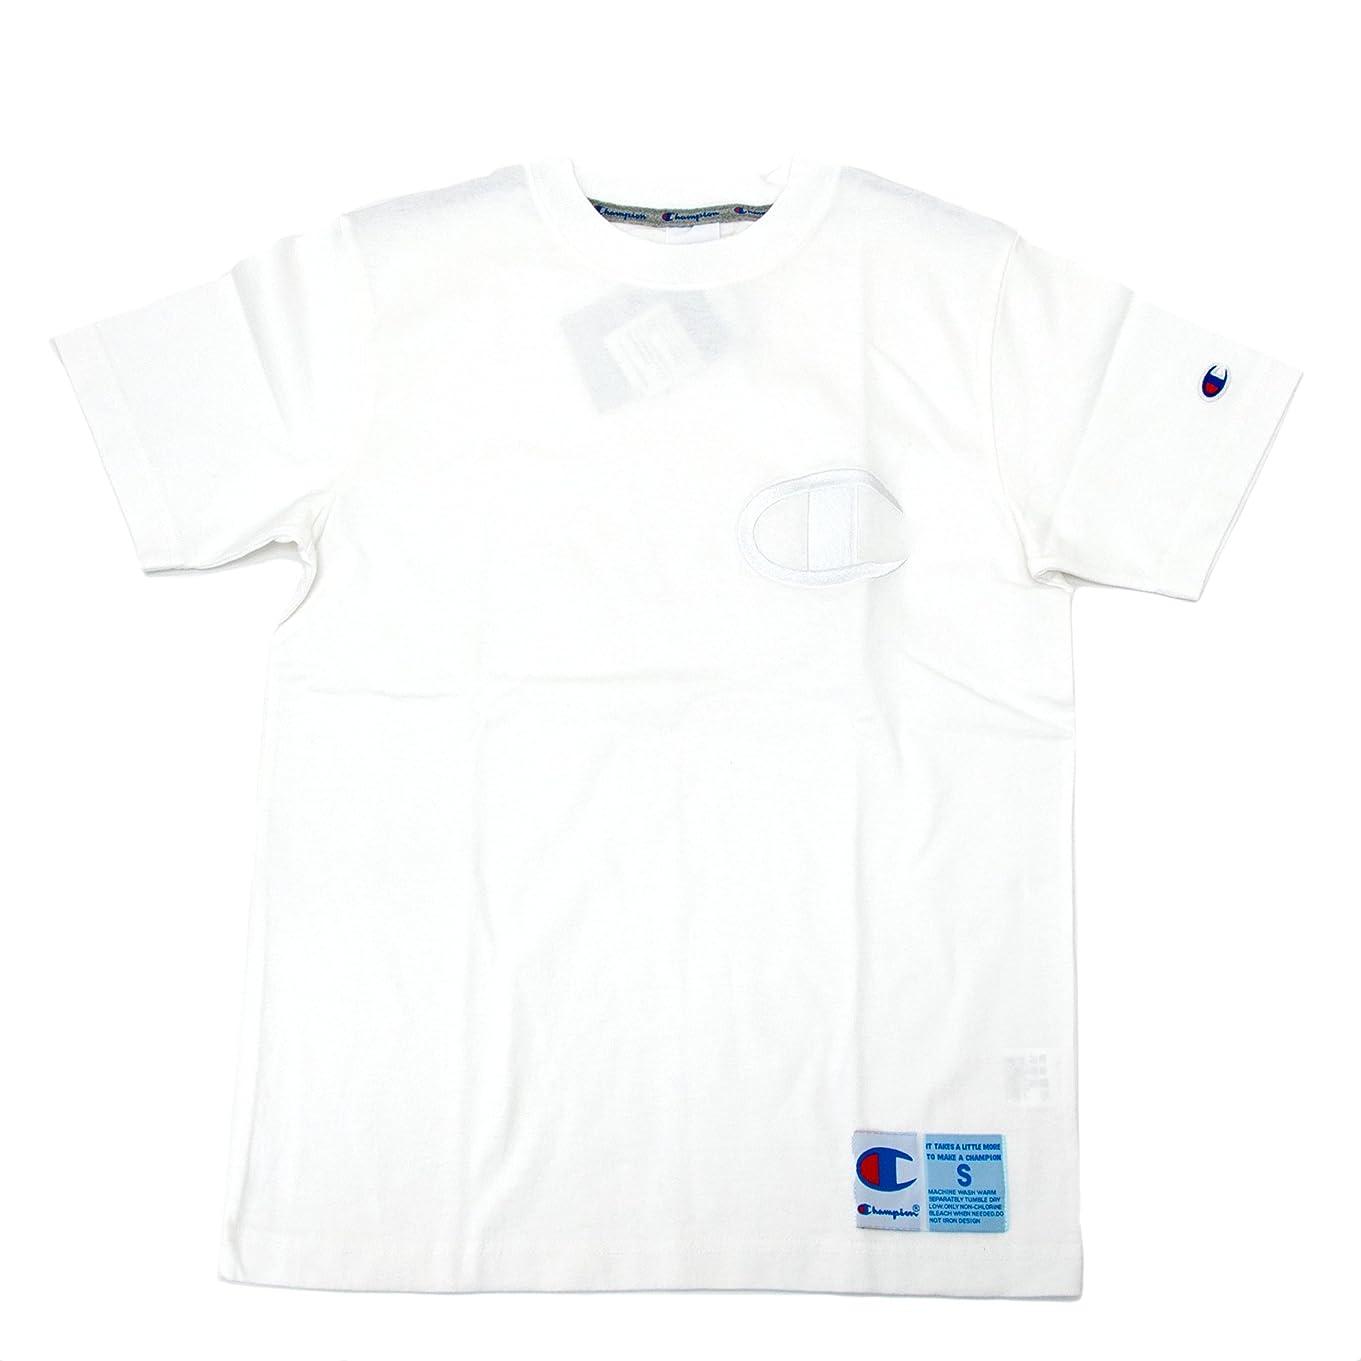 蜜ショット医療のChampion チャンピオン メンズ アクションスタイル 半袖Tシャツ[C3-M358]